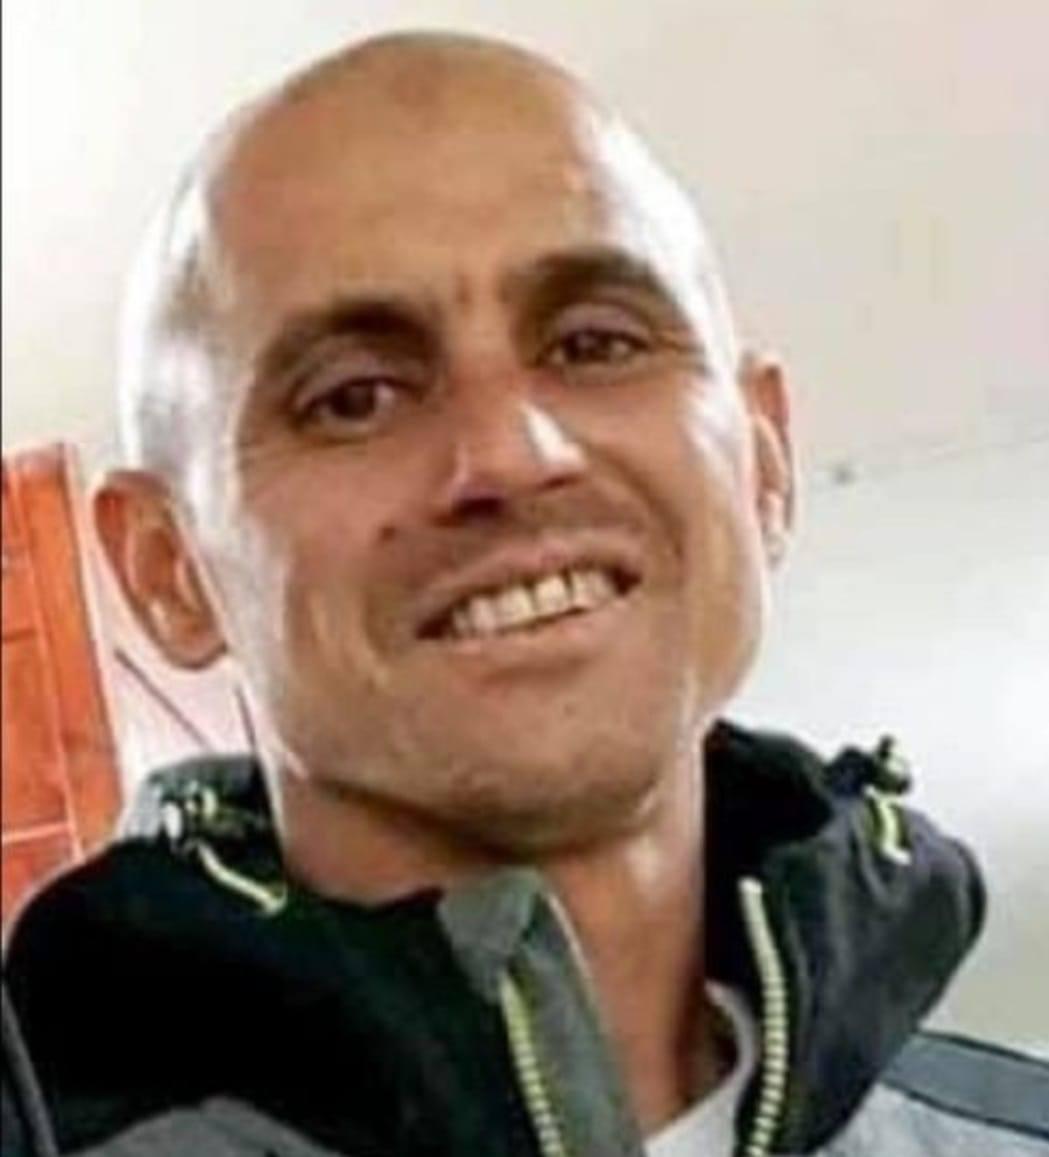 נאסר עבד-אלקאדר ריאן בן 30 מכפר ברא הוא ההרוג ה-46 בתאונות עבודה מאז תחילת השנה